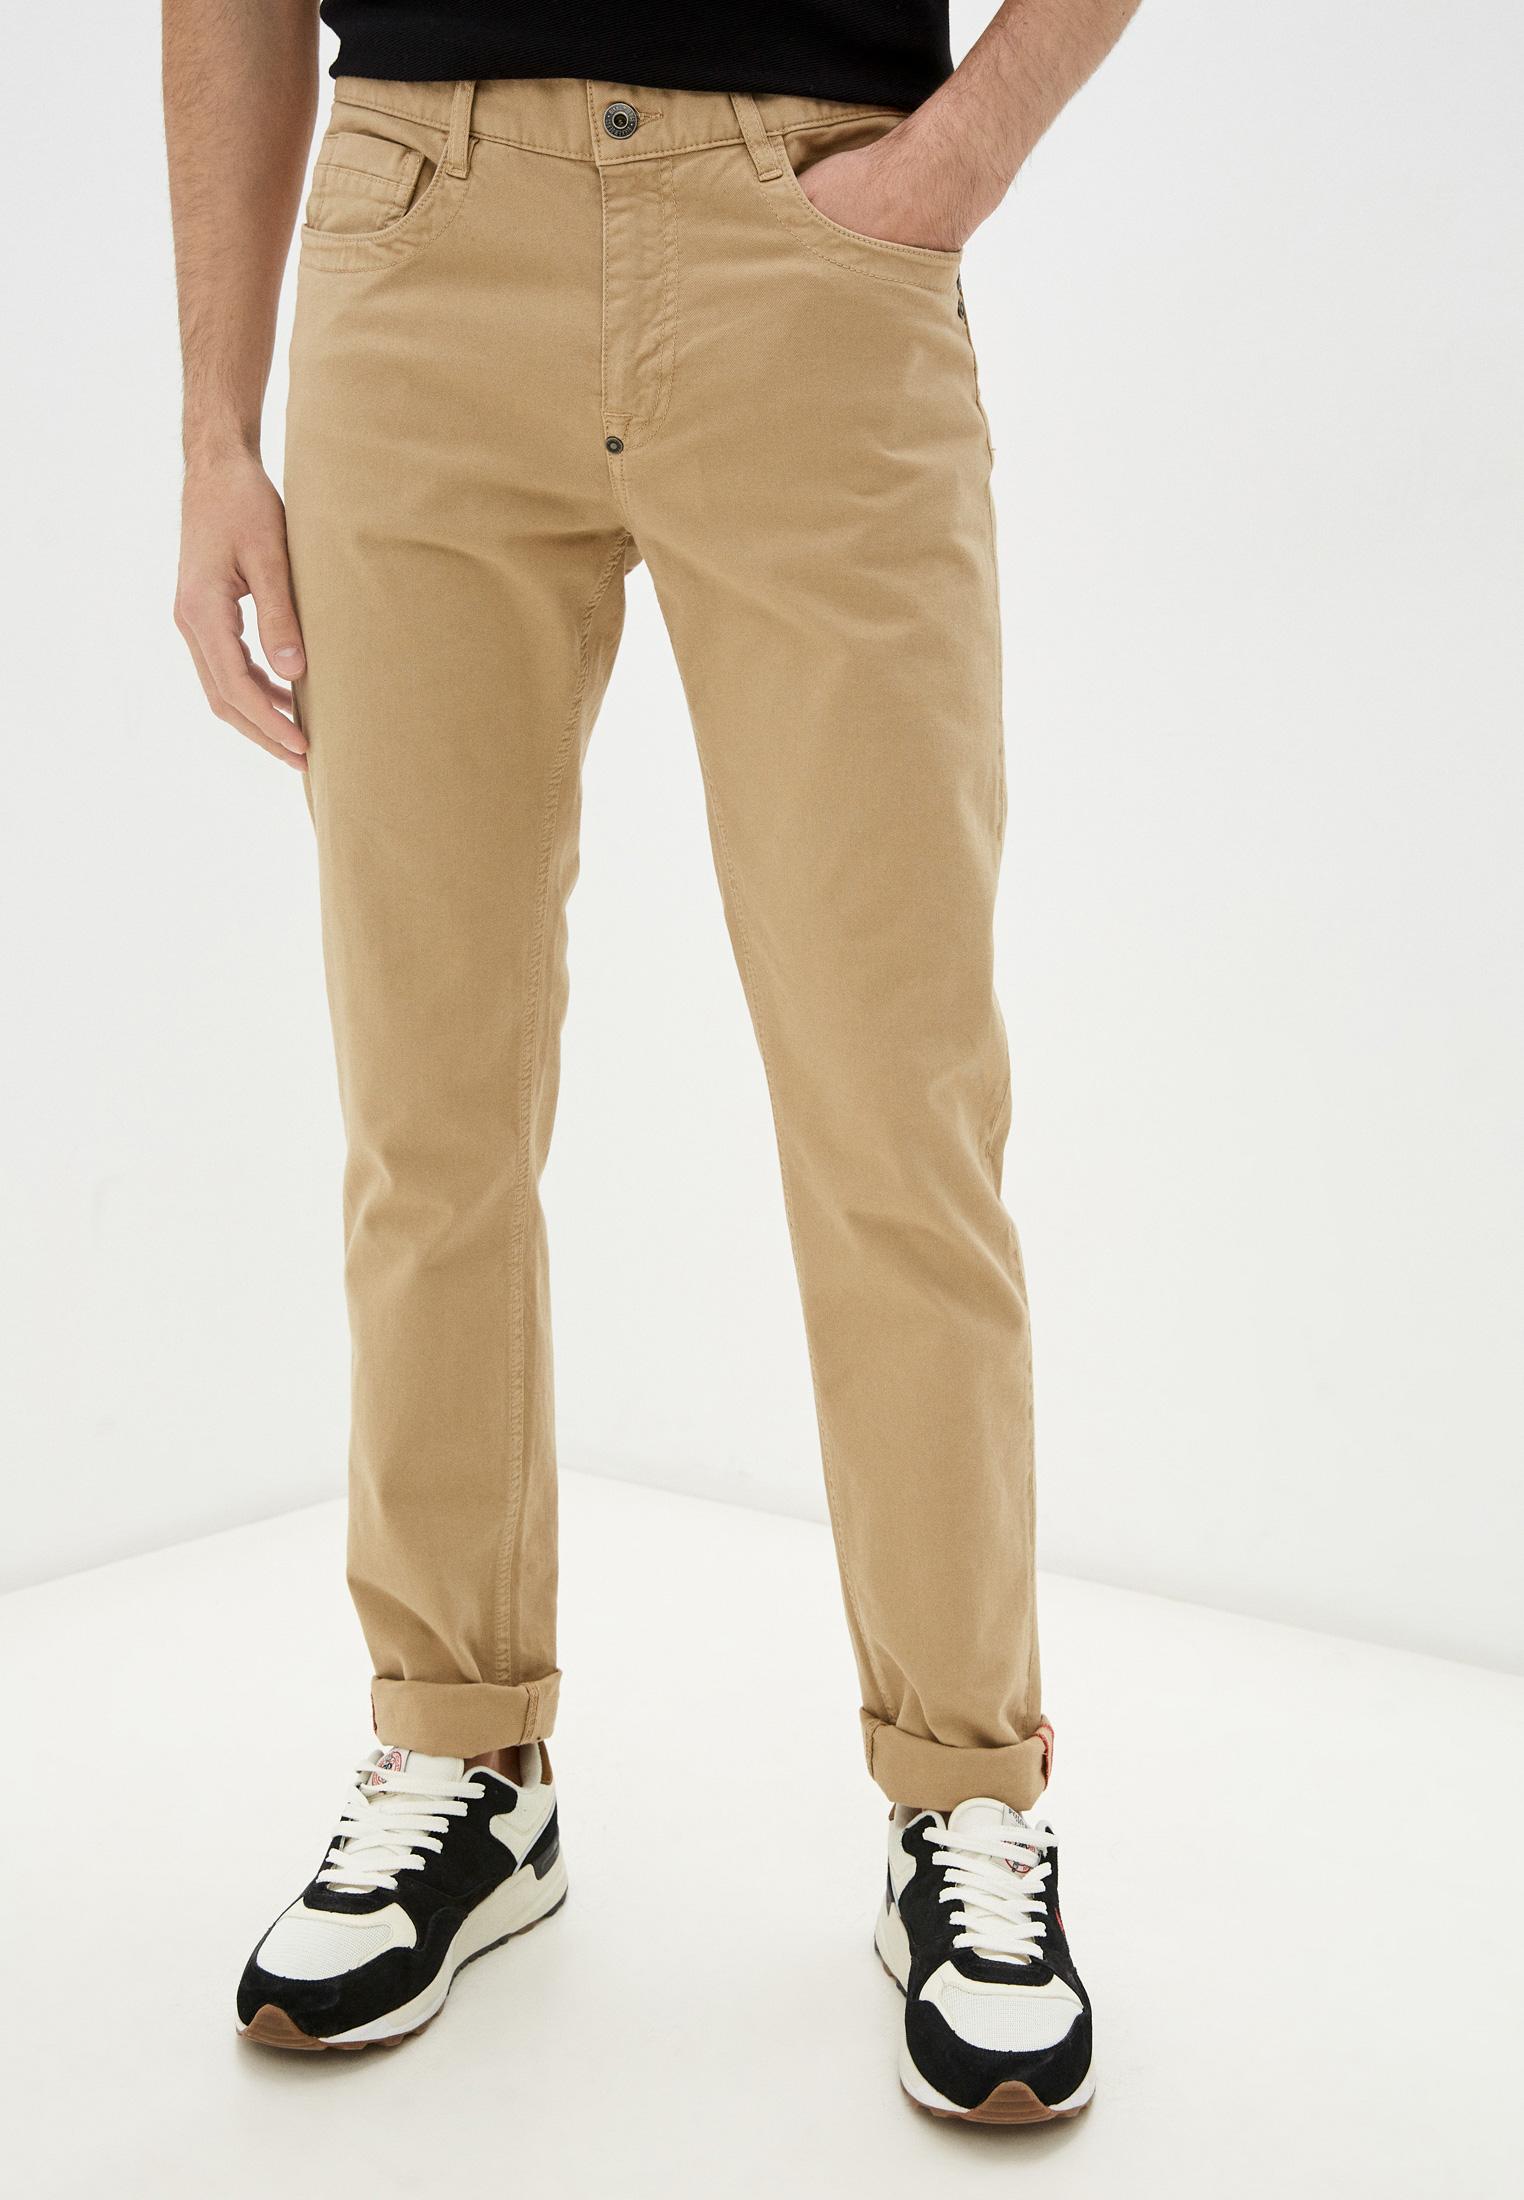 Мужские брюки Bikkembergs (Биккембергс) C Q 101 18 S 3279